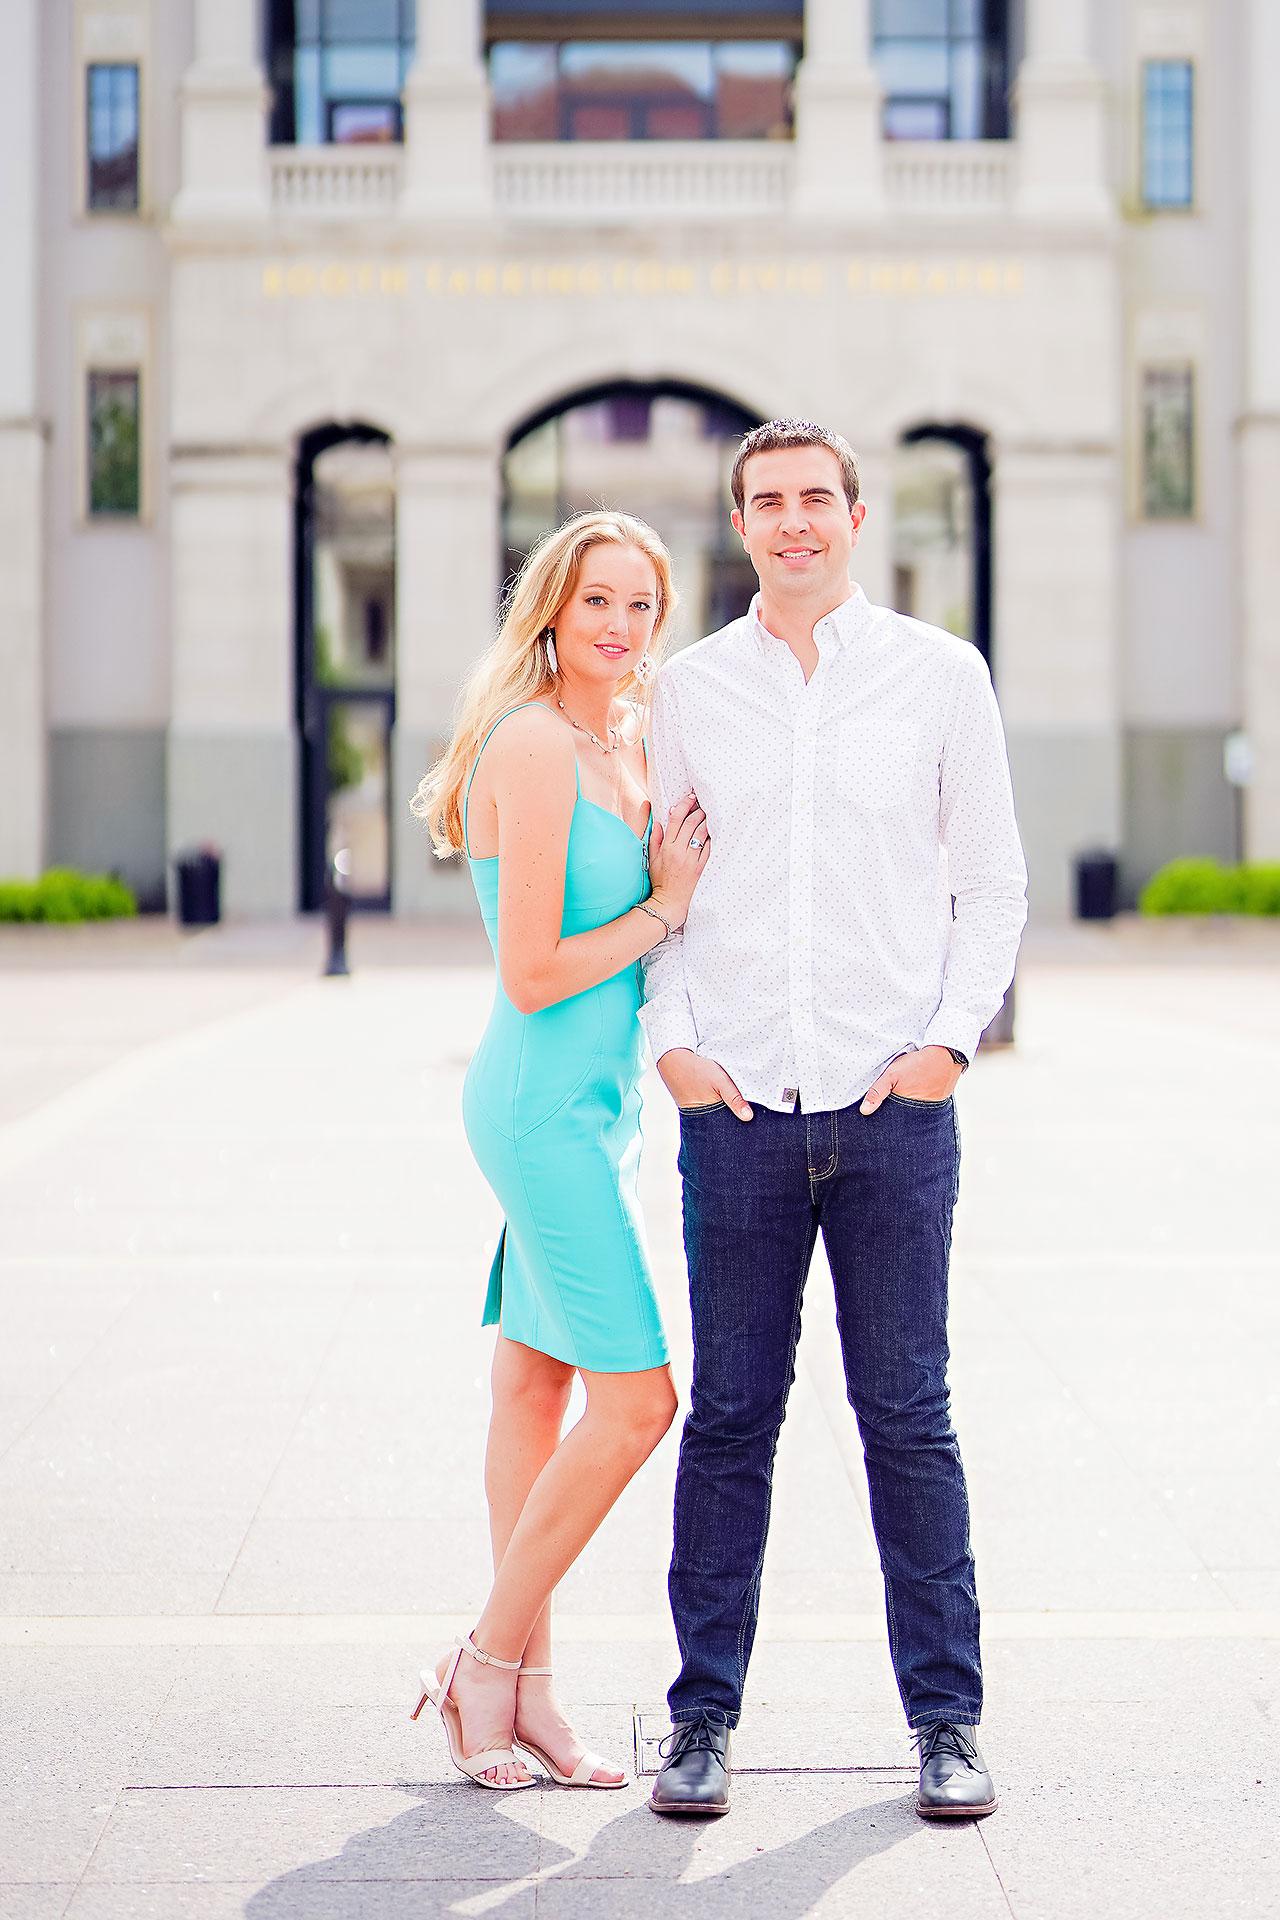 Liz Zach Midtown Carmel Engagement Session 093